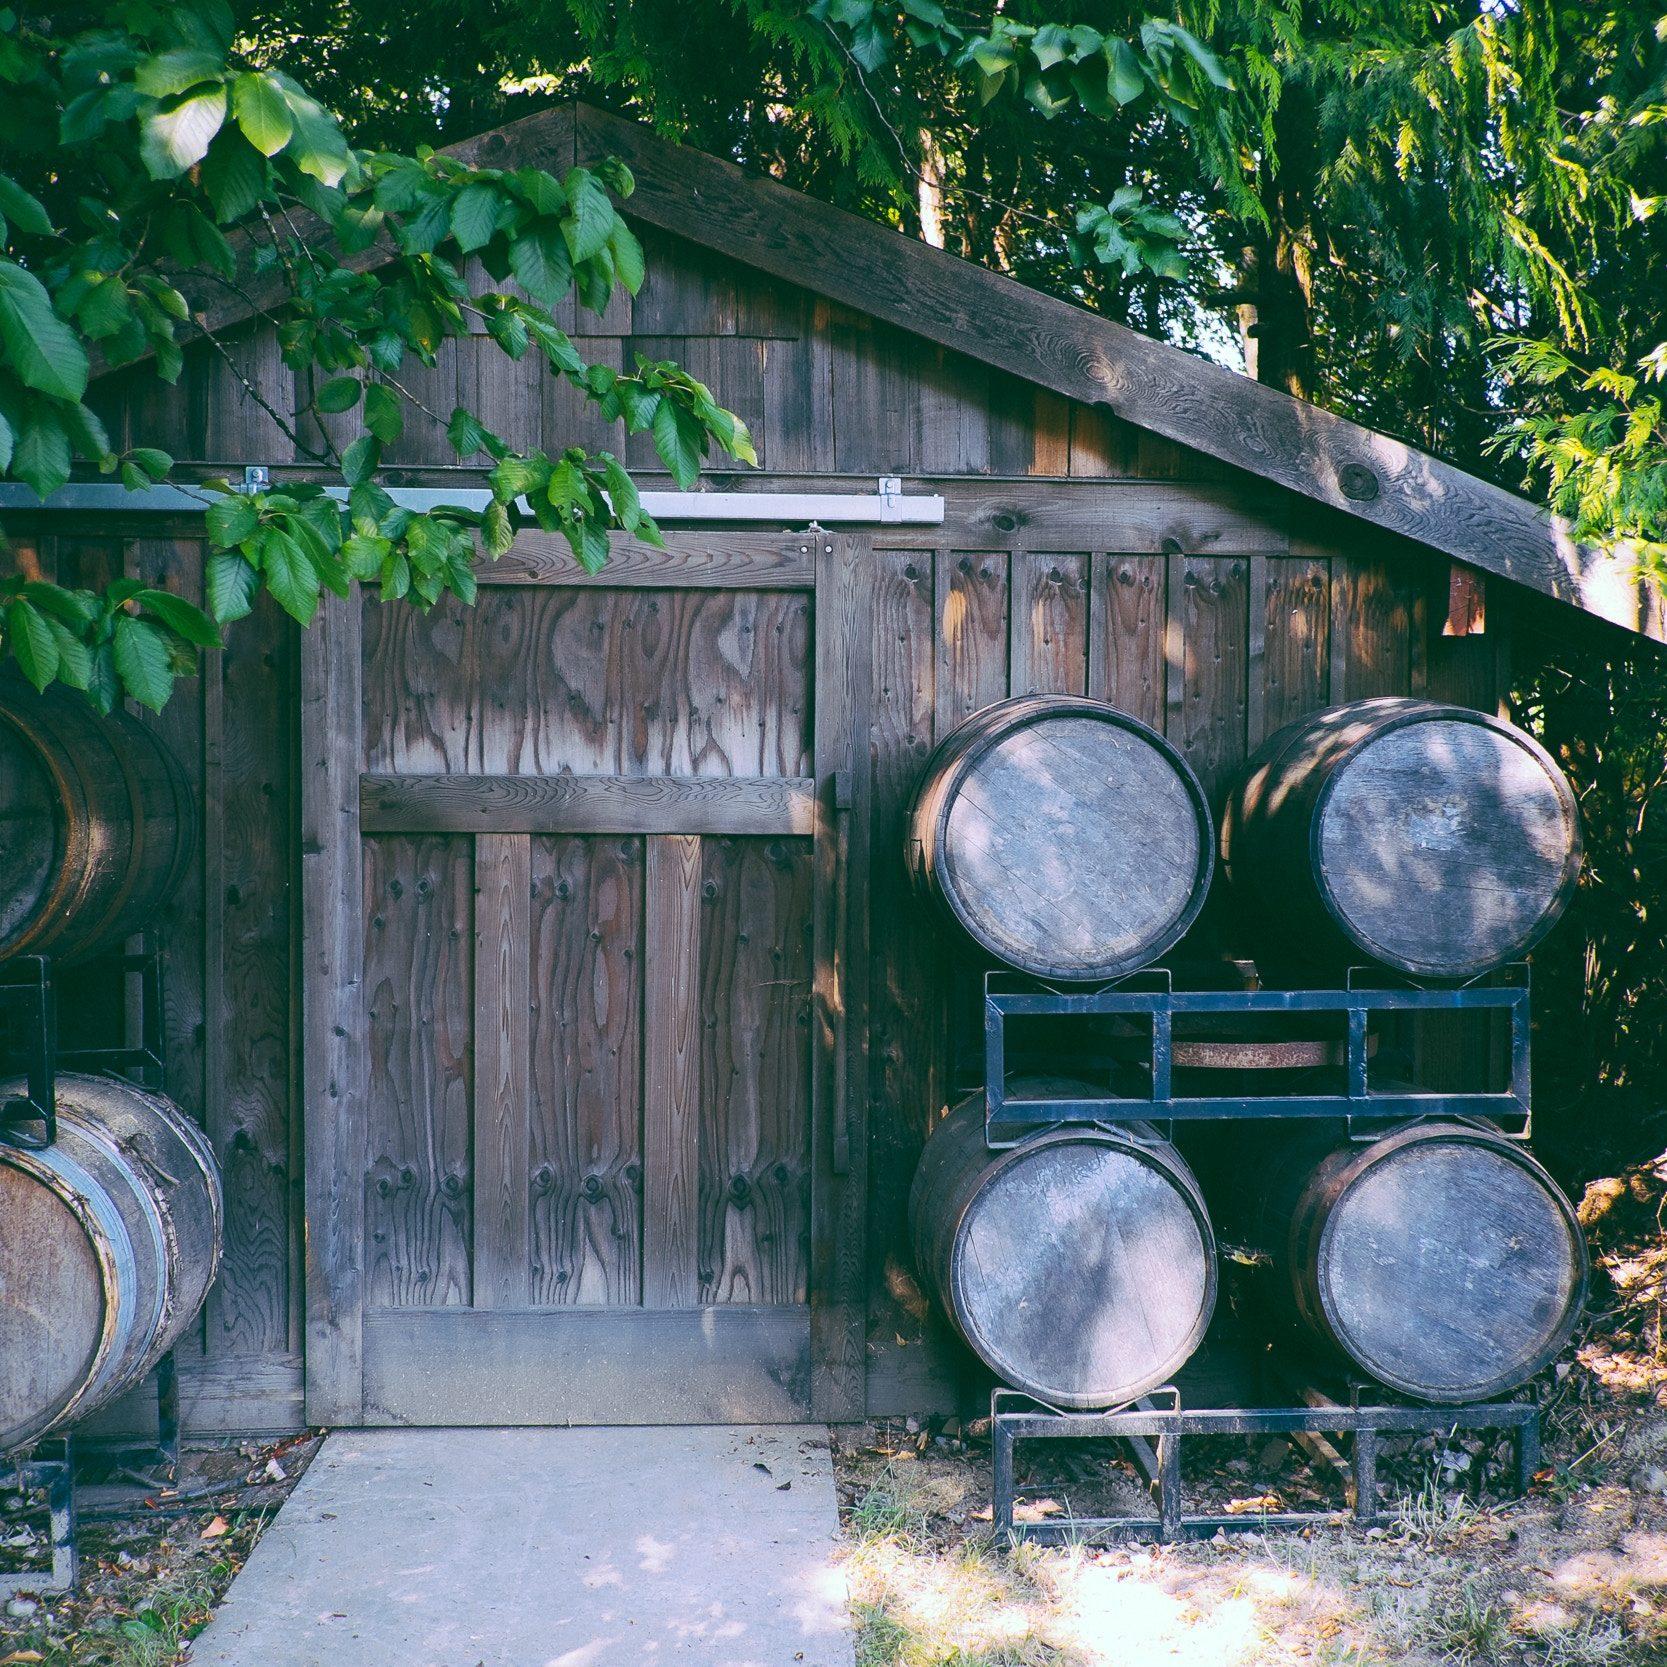 Weinscheune in Portugal mit Weinfässern